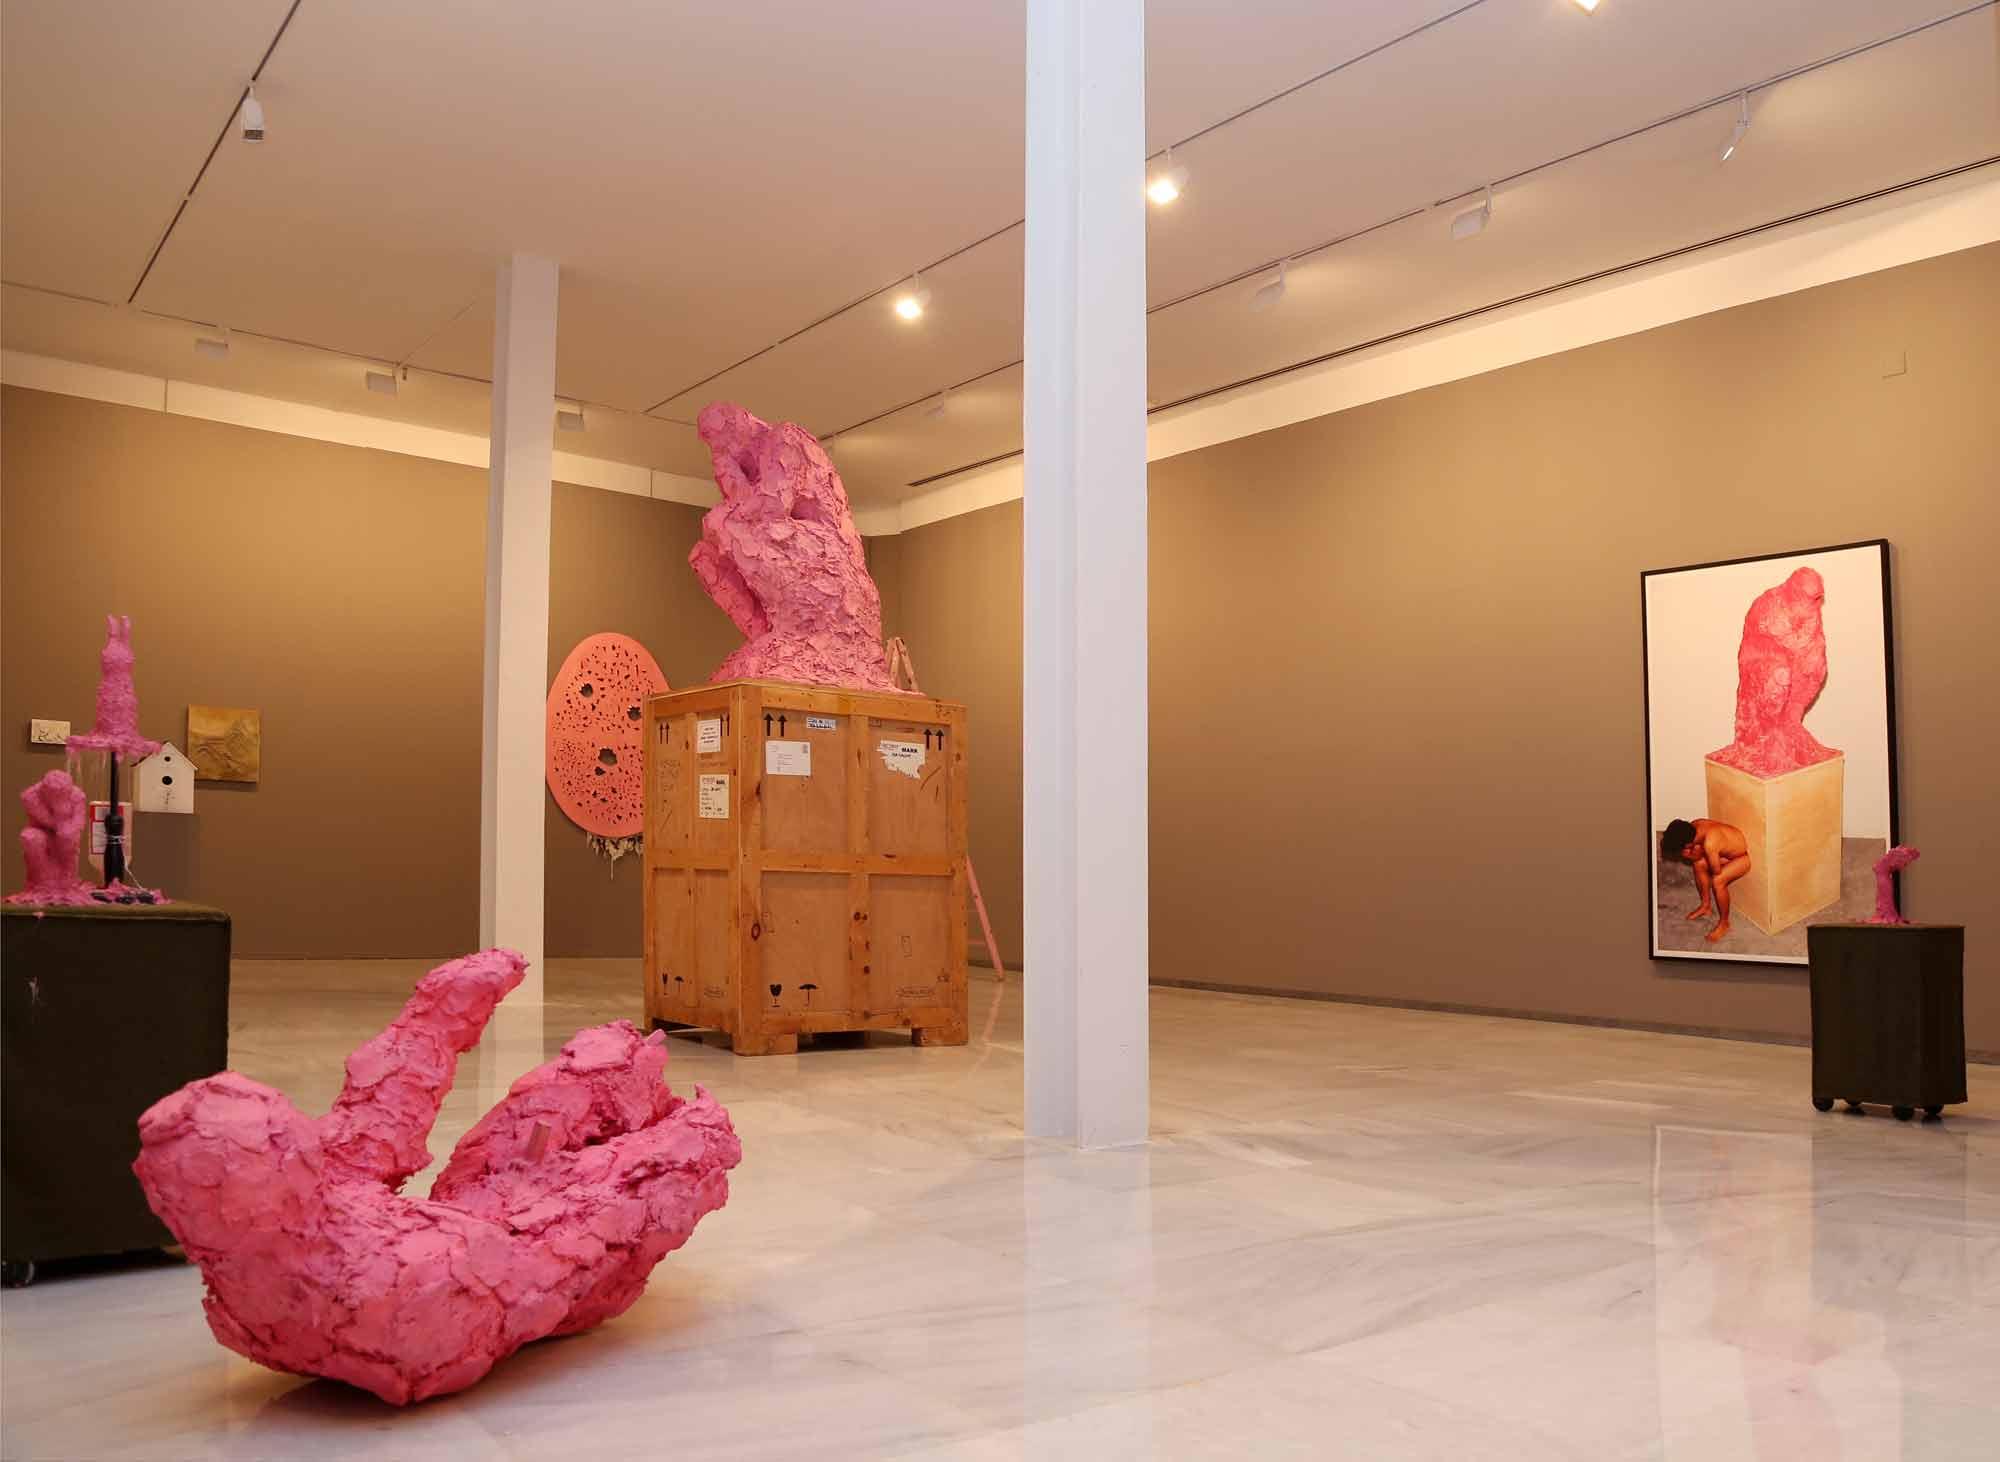 El Rectorado exhibe obras de uno de los artistas coreanos más relevantes, Cody Choi